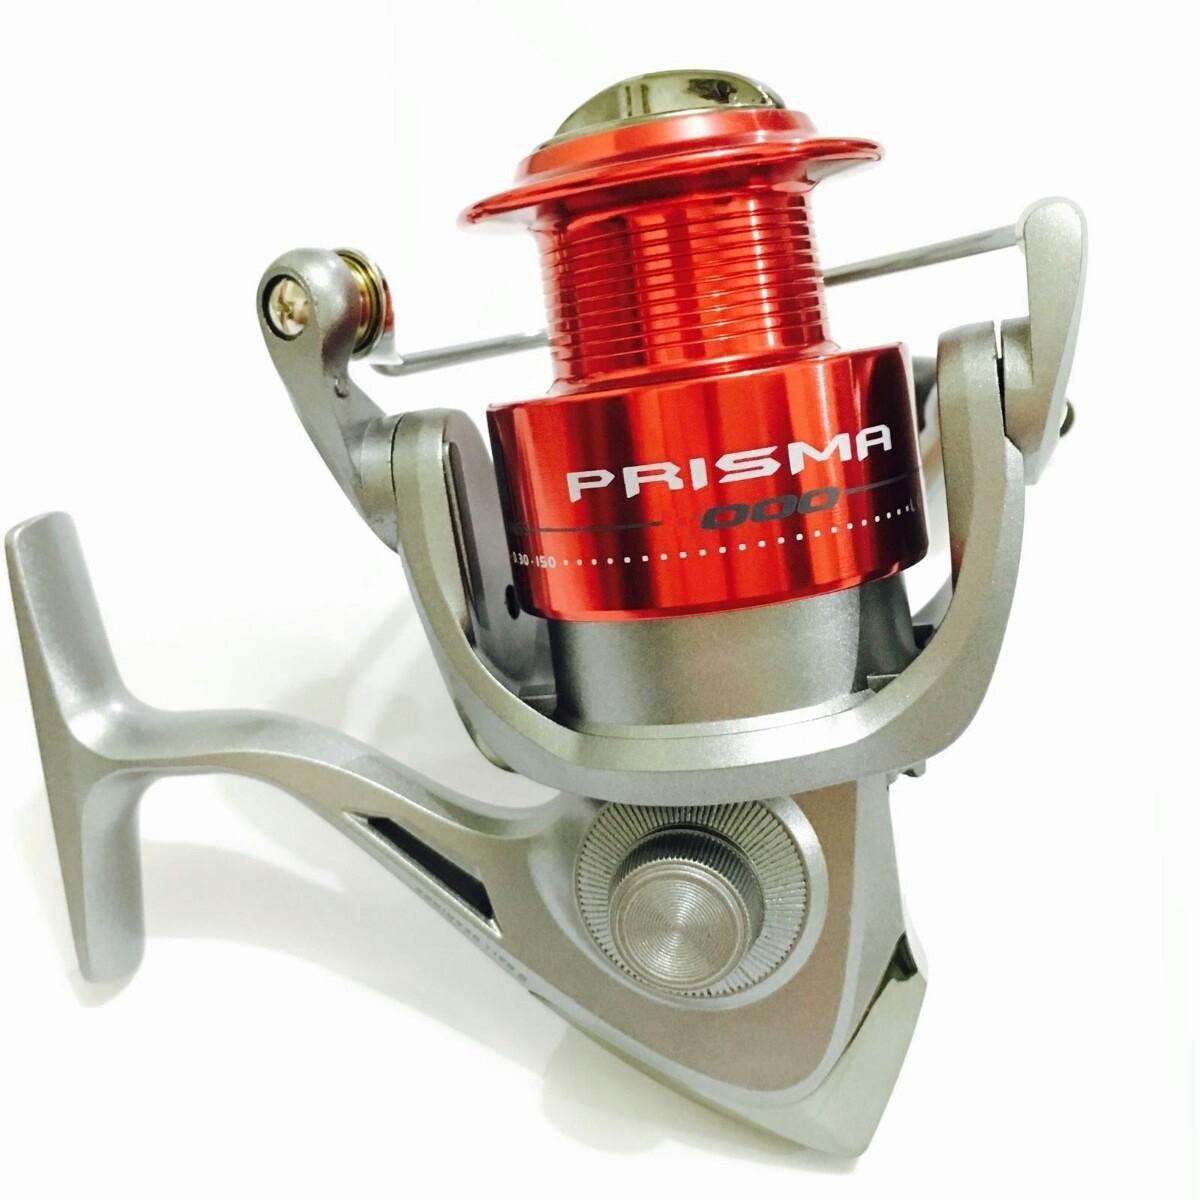 Molinete Prisma 6000 - 5 Rolamentos - Marine Sports  - Life Pesca - Sua loja de Pesca, Camping e Lazer